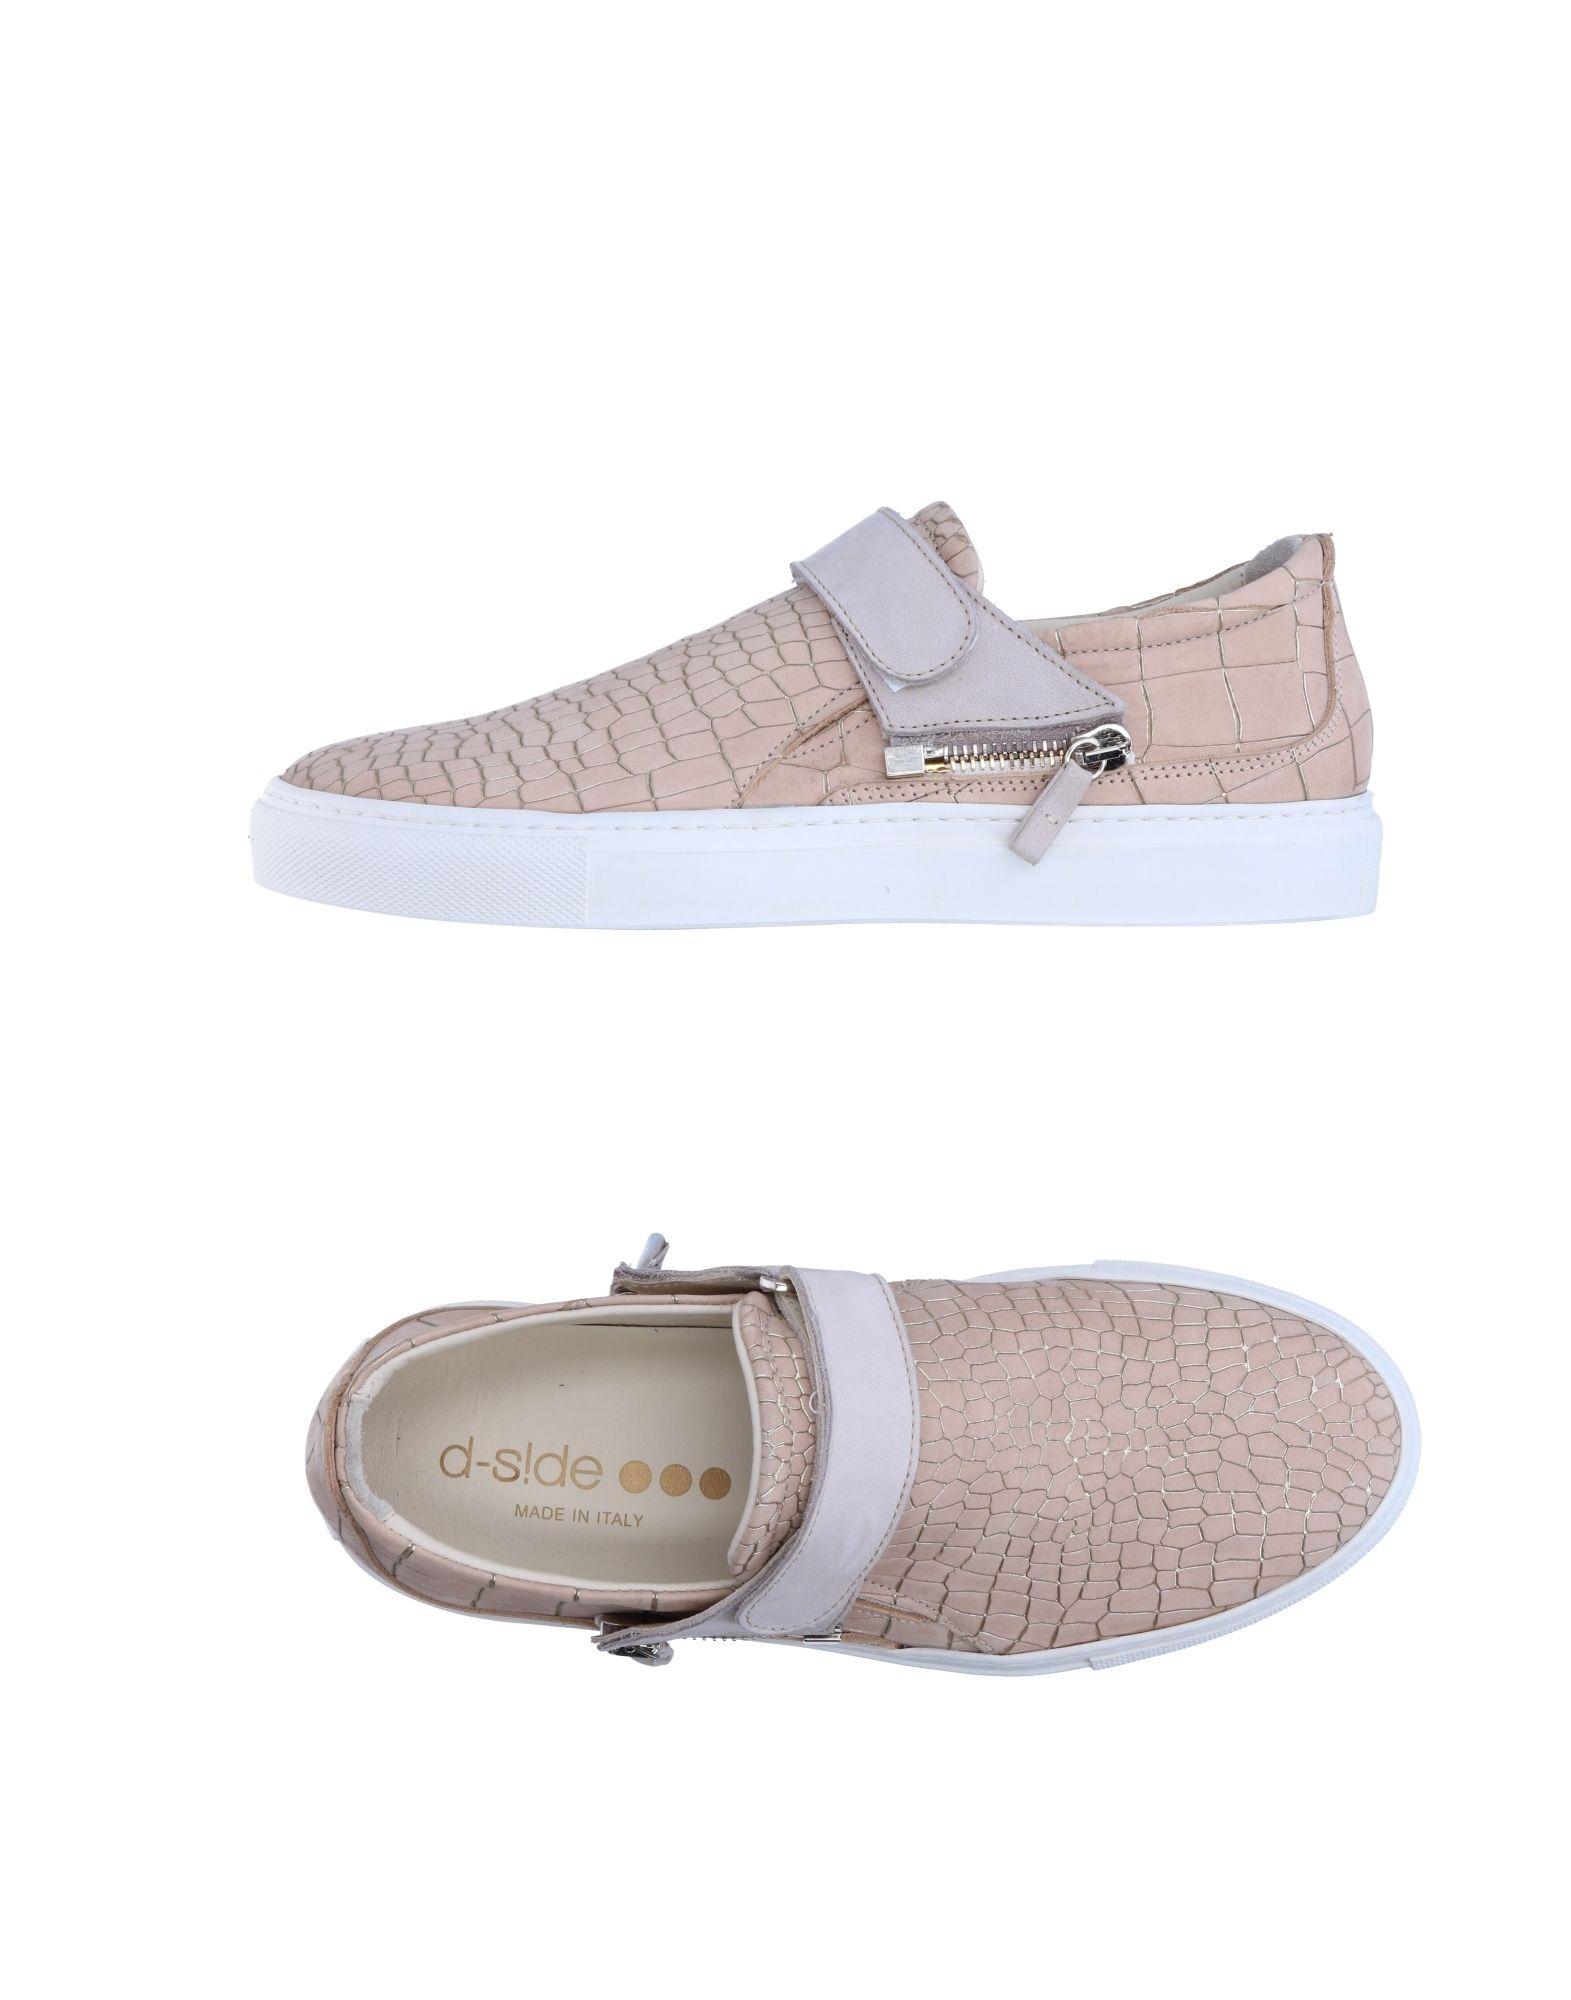 D-S!DE Damen Low Sneakers & Tennisschuhe Farbe Beige Größe 5